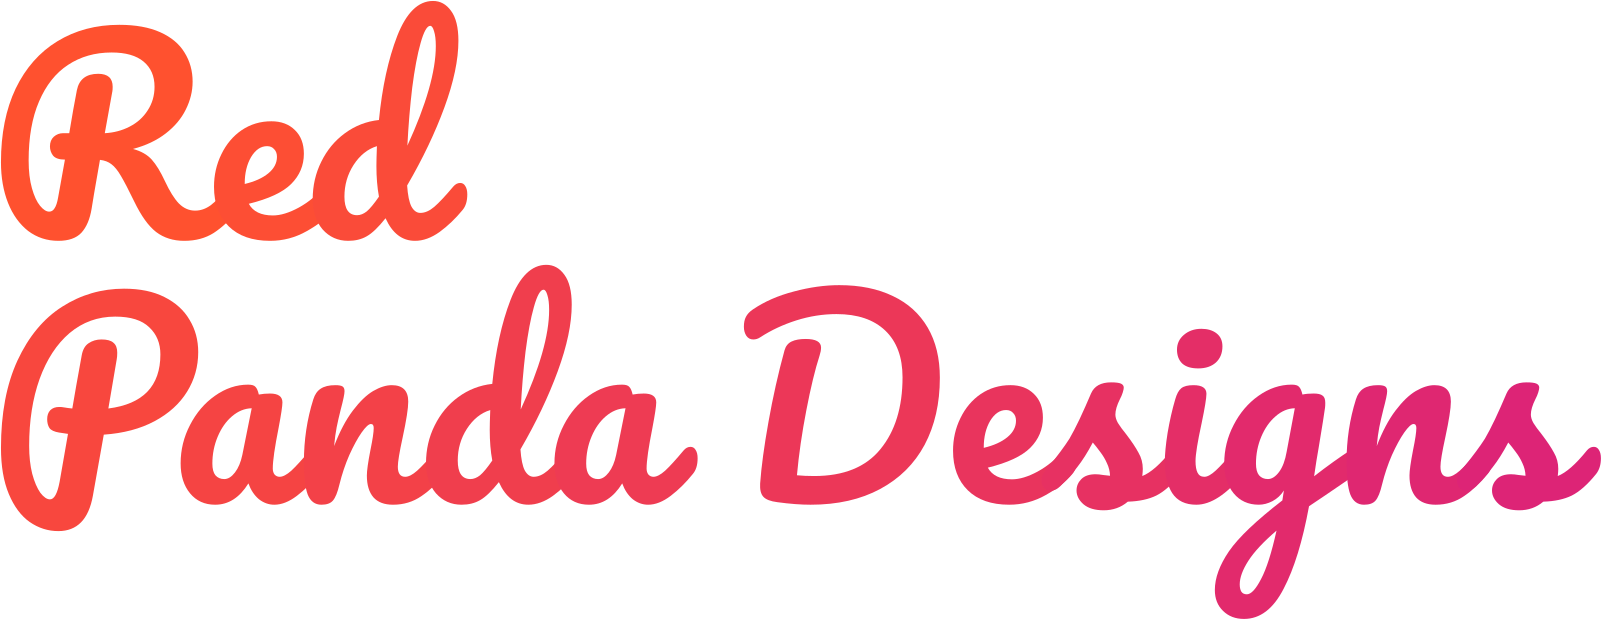 Red Panda Designs Logo